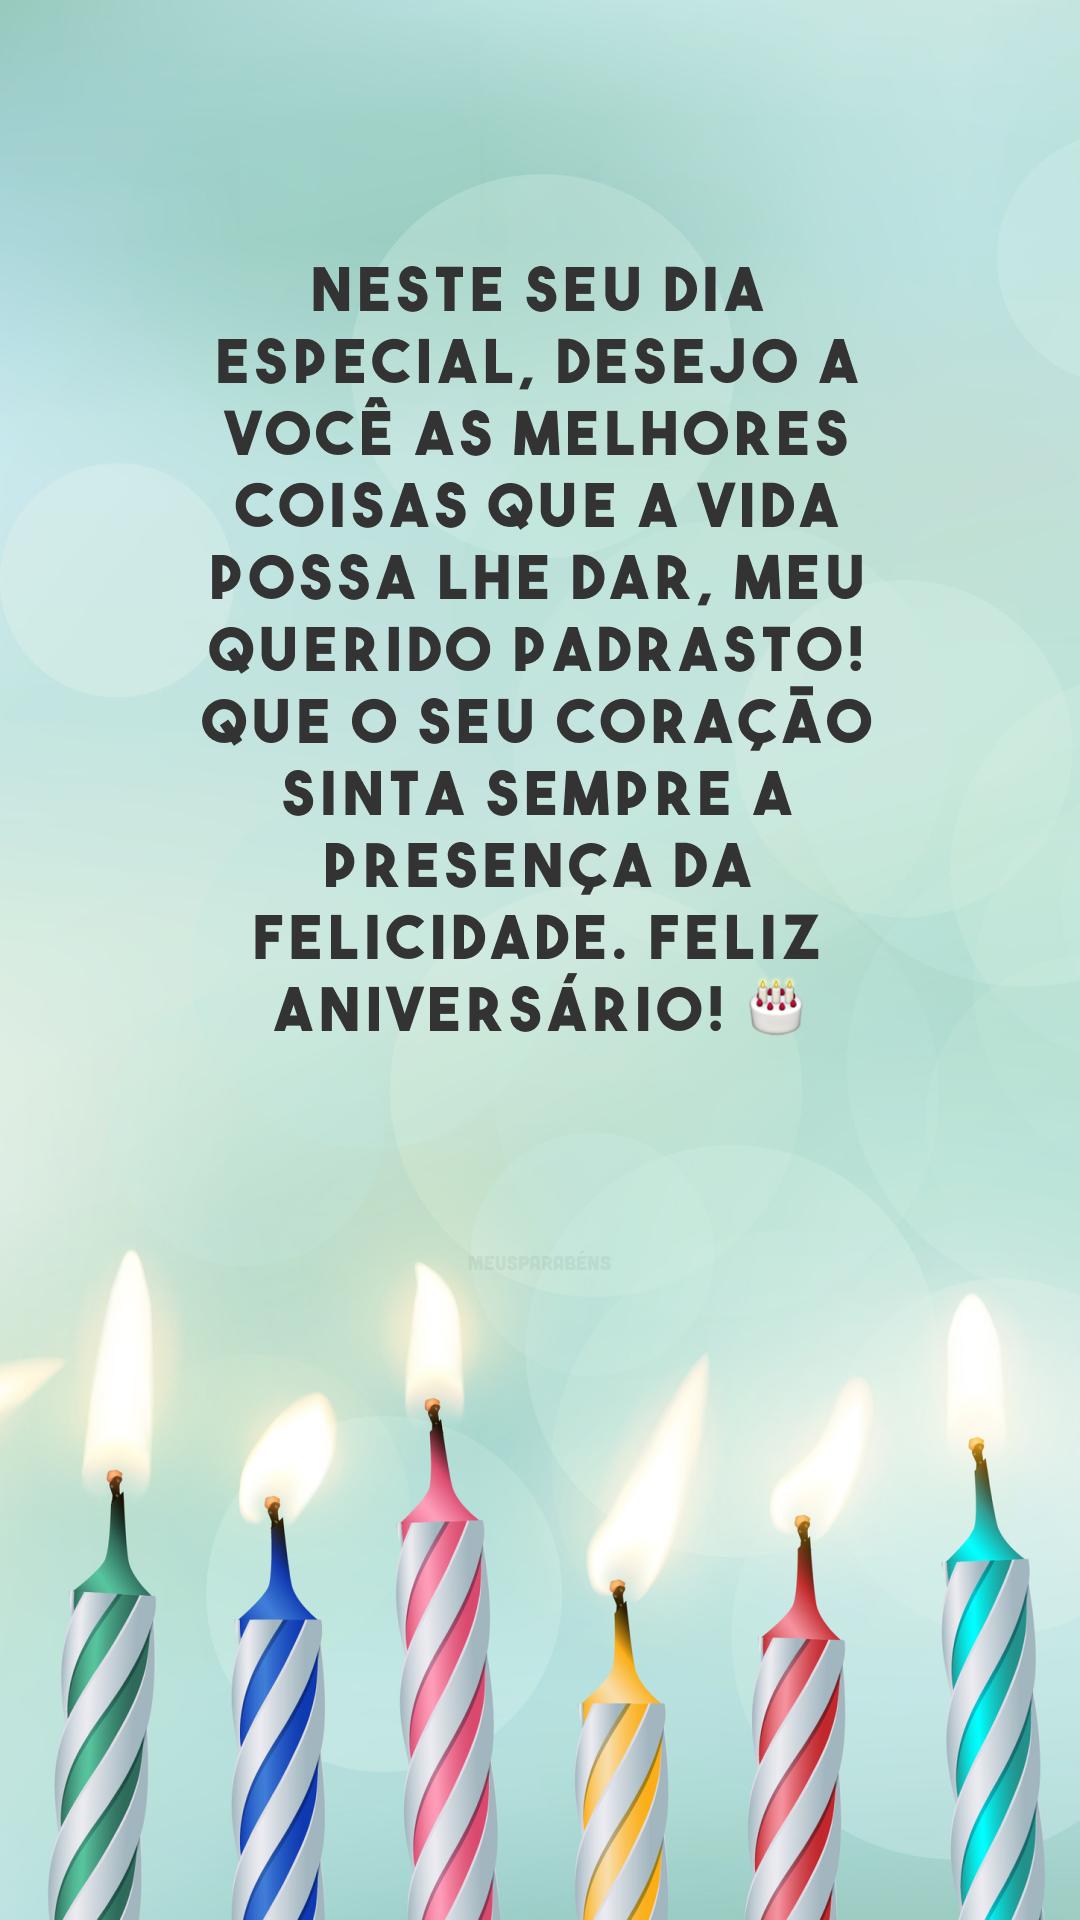 Neste seu dia especial, desejo a você as melhores coisas que a vida possa lhe dar, meu querido padrasto! Que o seu coração sinta sempre a presença da felicidade. Feliz aniversário! 🎂